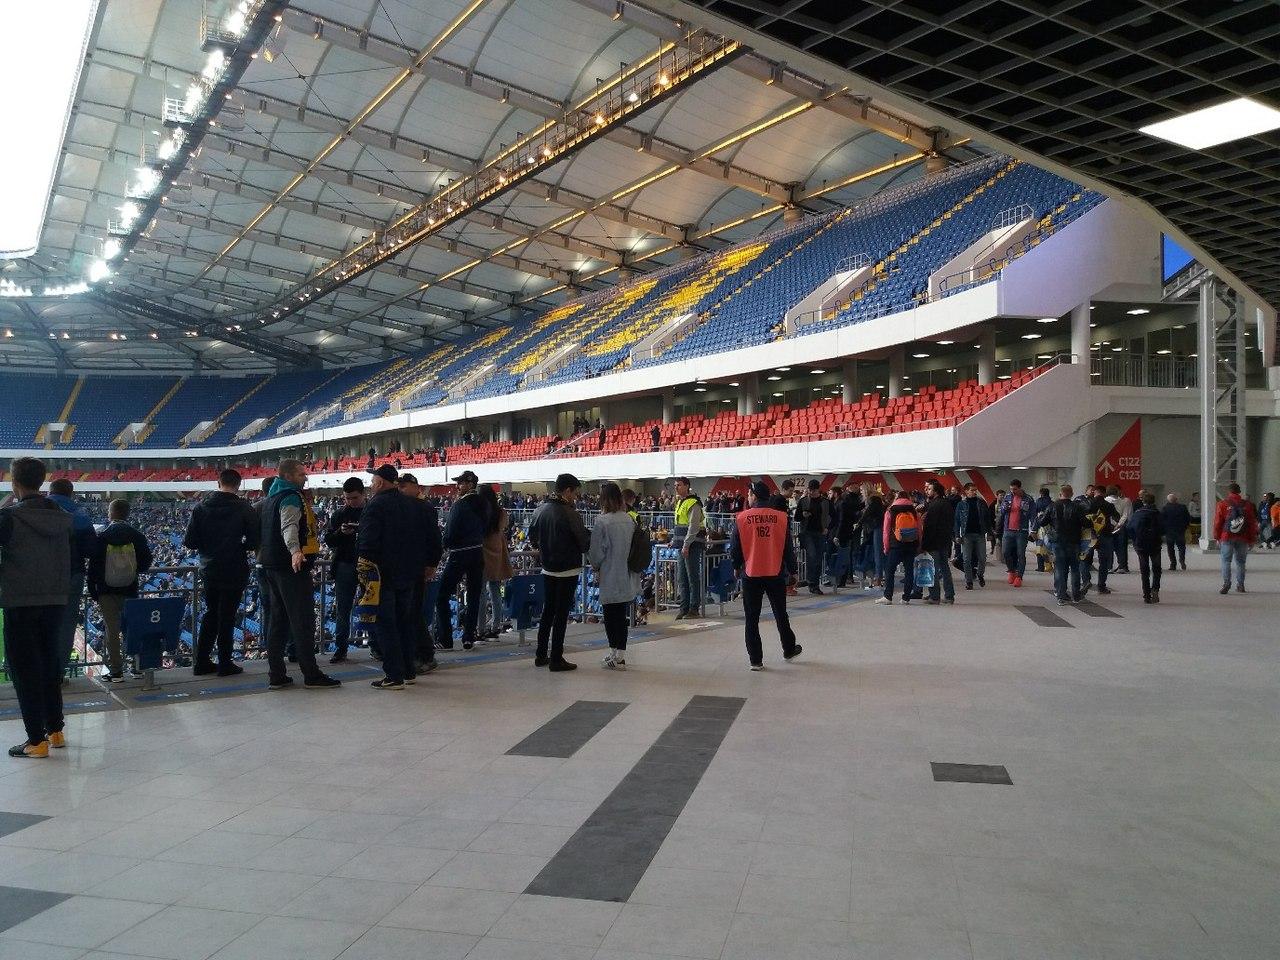 15 апреля впервые состоялся матч «Ростов» - «Хабаровский СК» на новом стадионе.